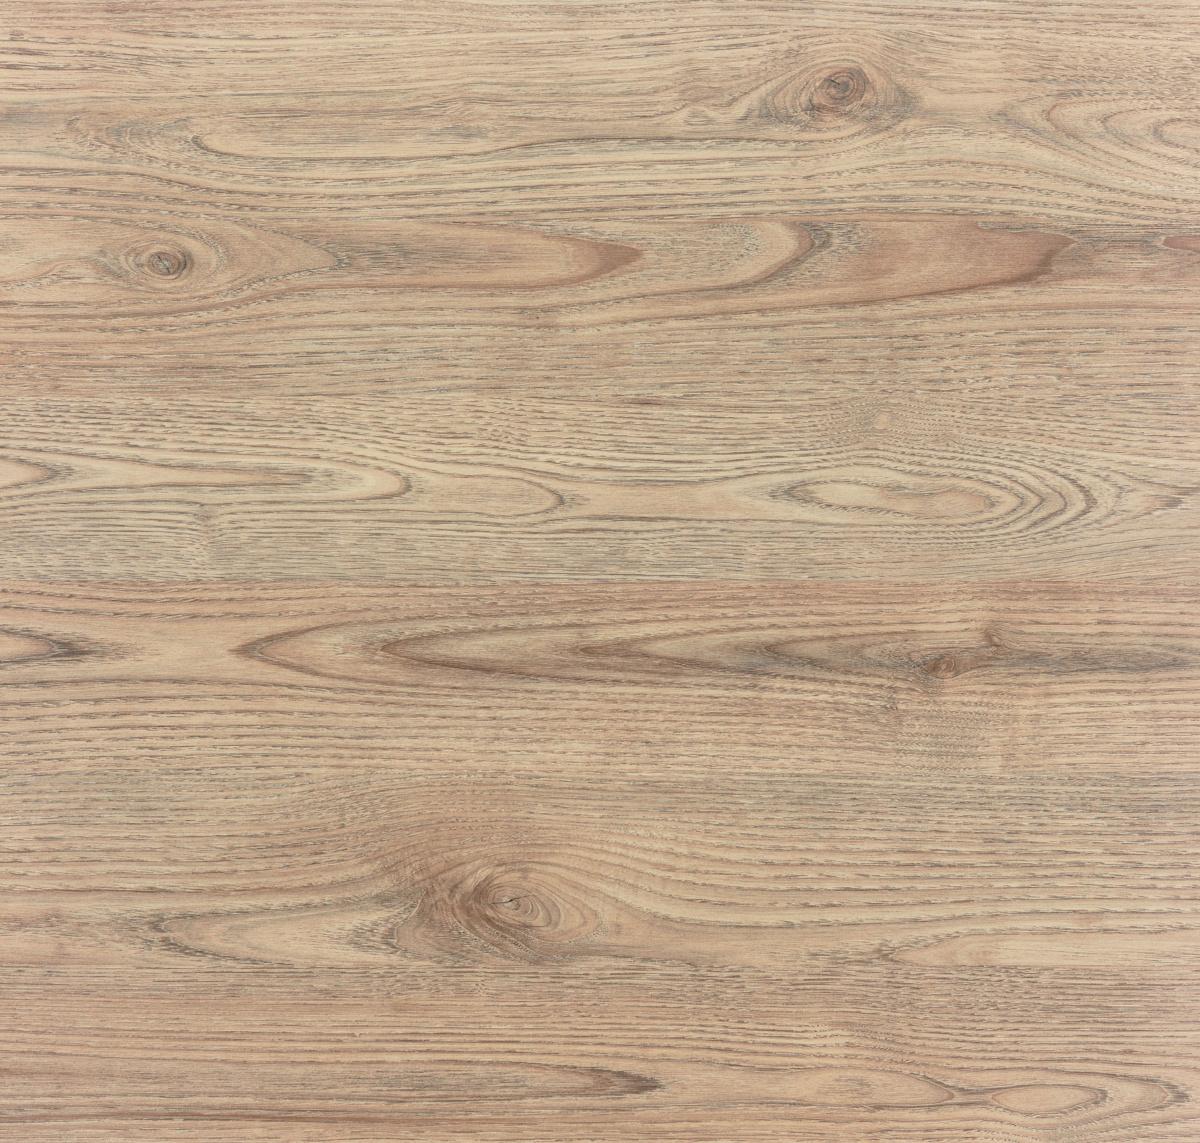 Plateau de table asia chestnut 60x60 cm Moule